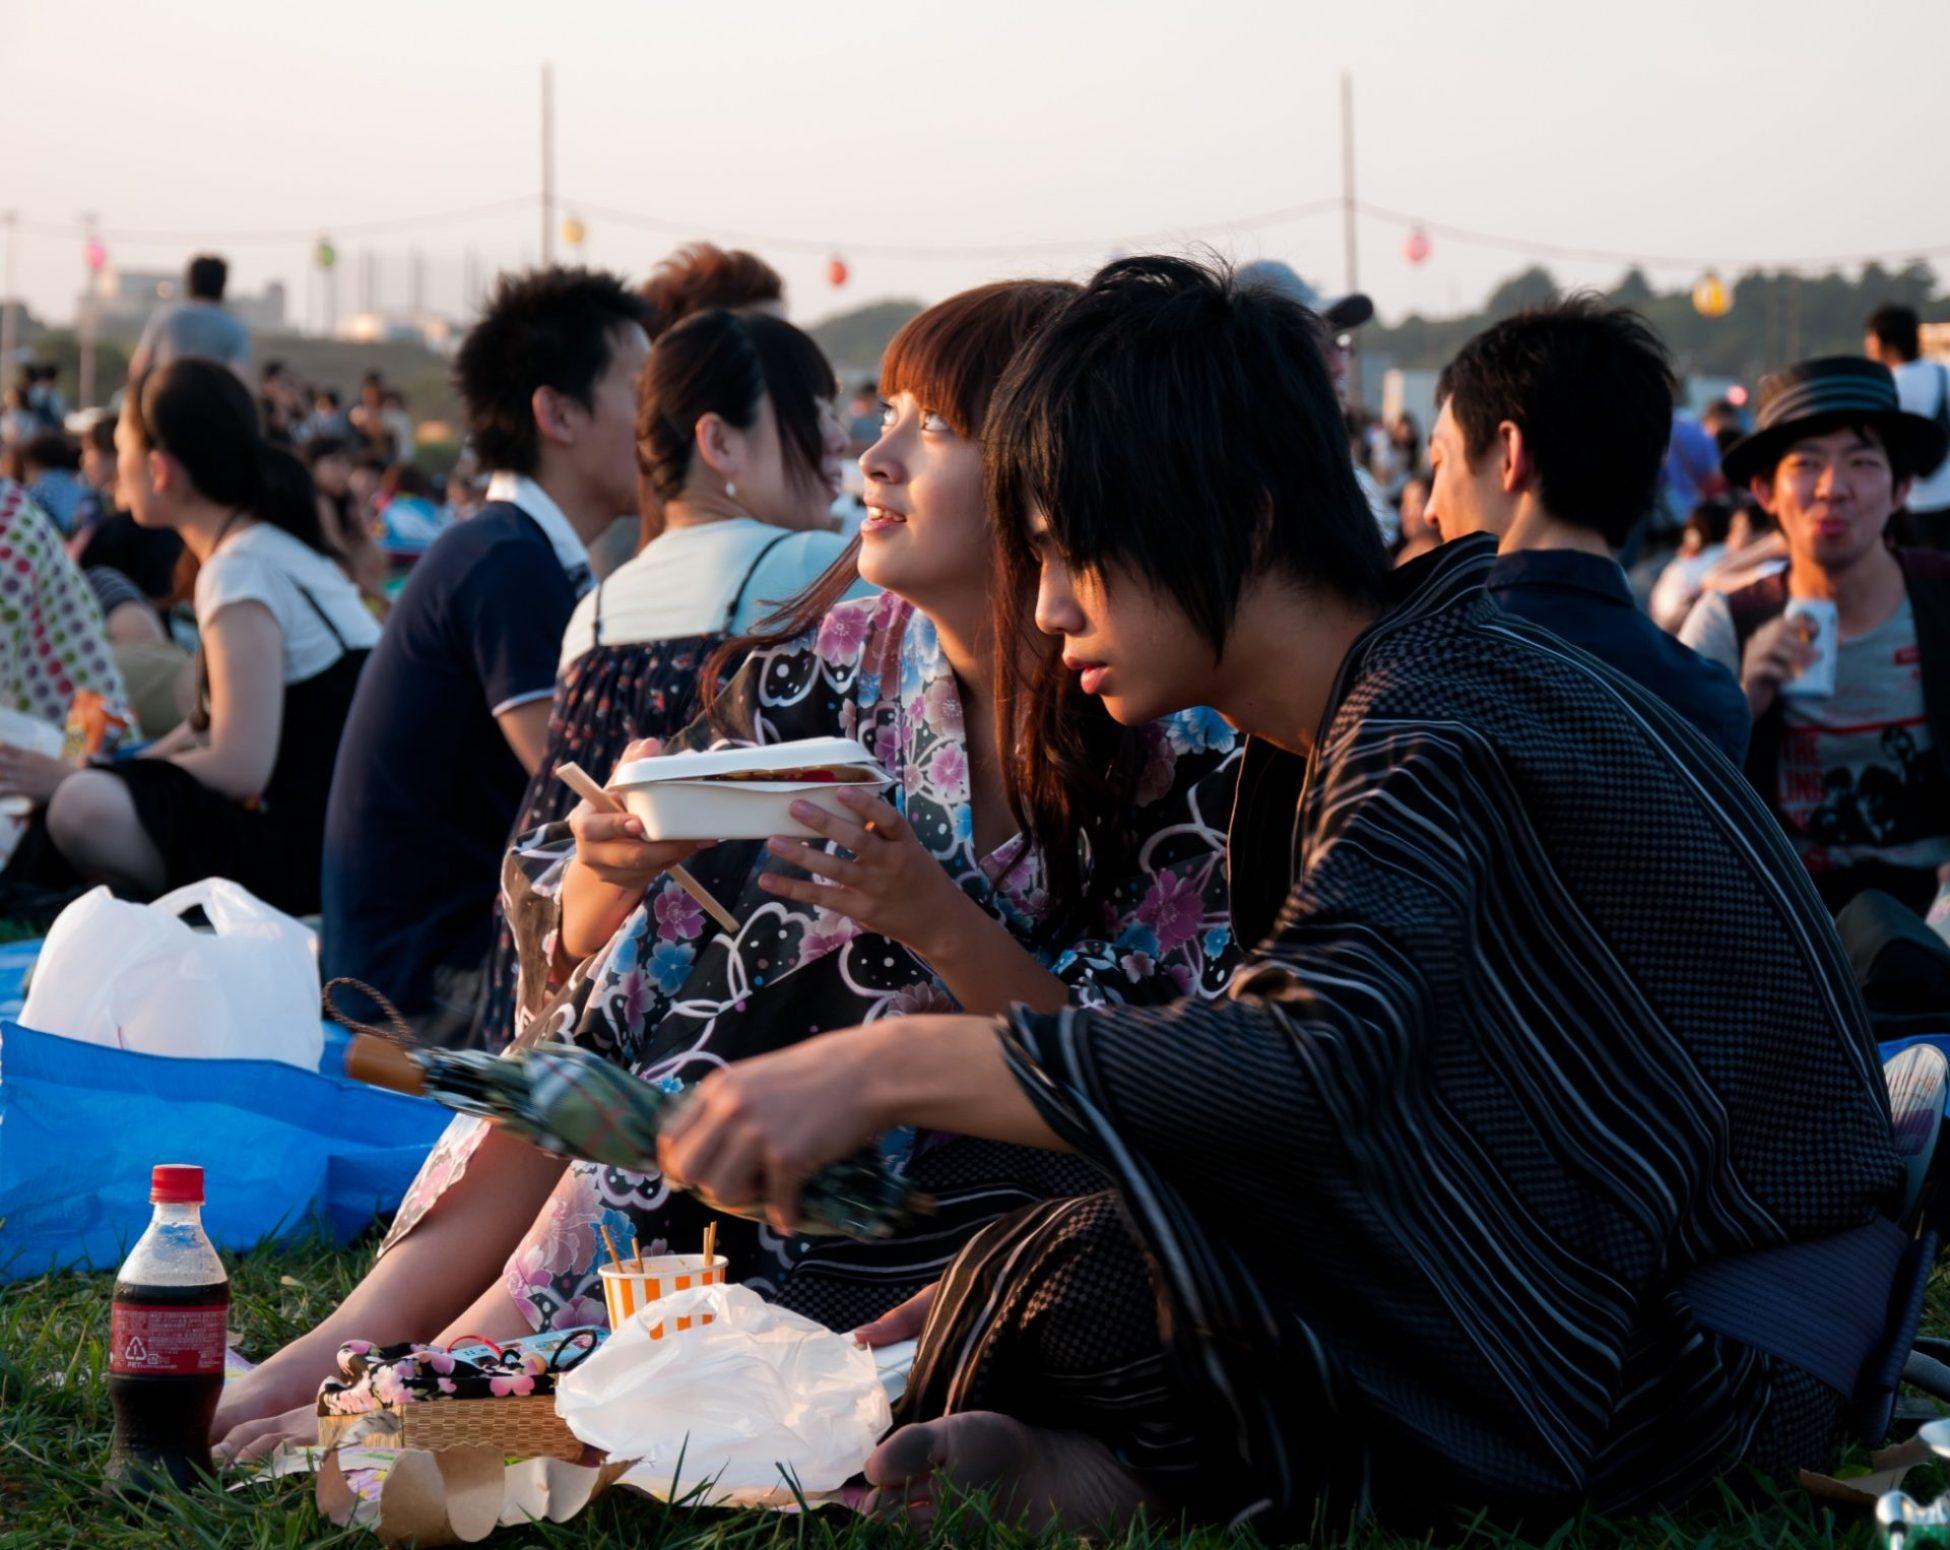 Pariskunta odottaa hanabia eli kesäisten ilotulitusten seuraamista. Kuva: RageZ, flickr.com, CC BY-SA 2.0.